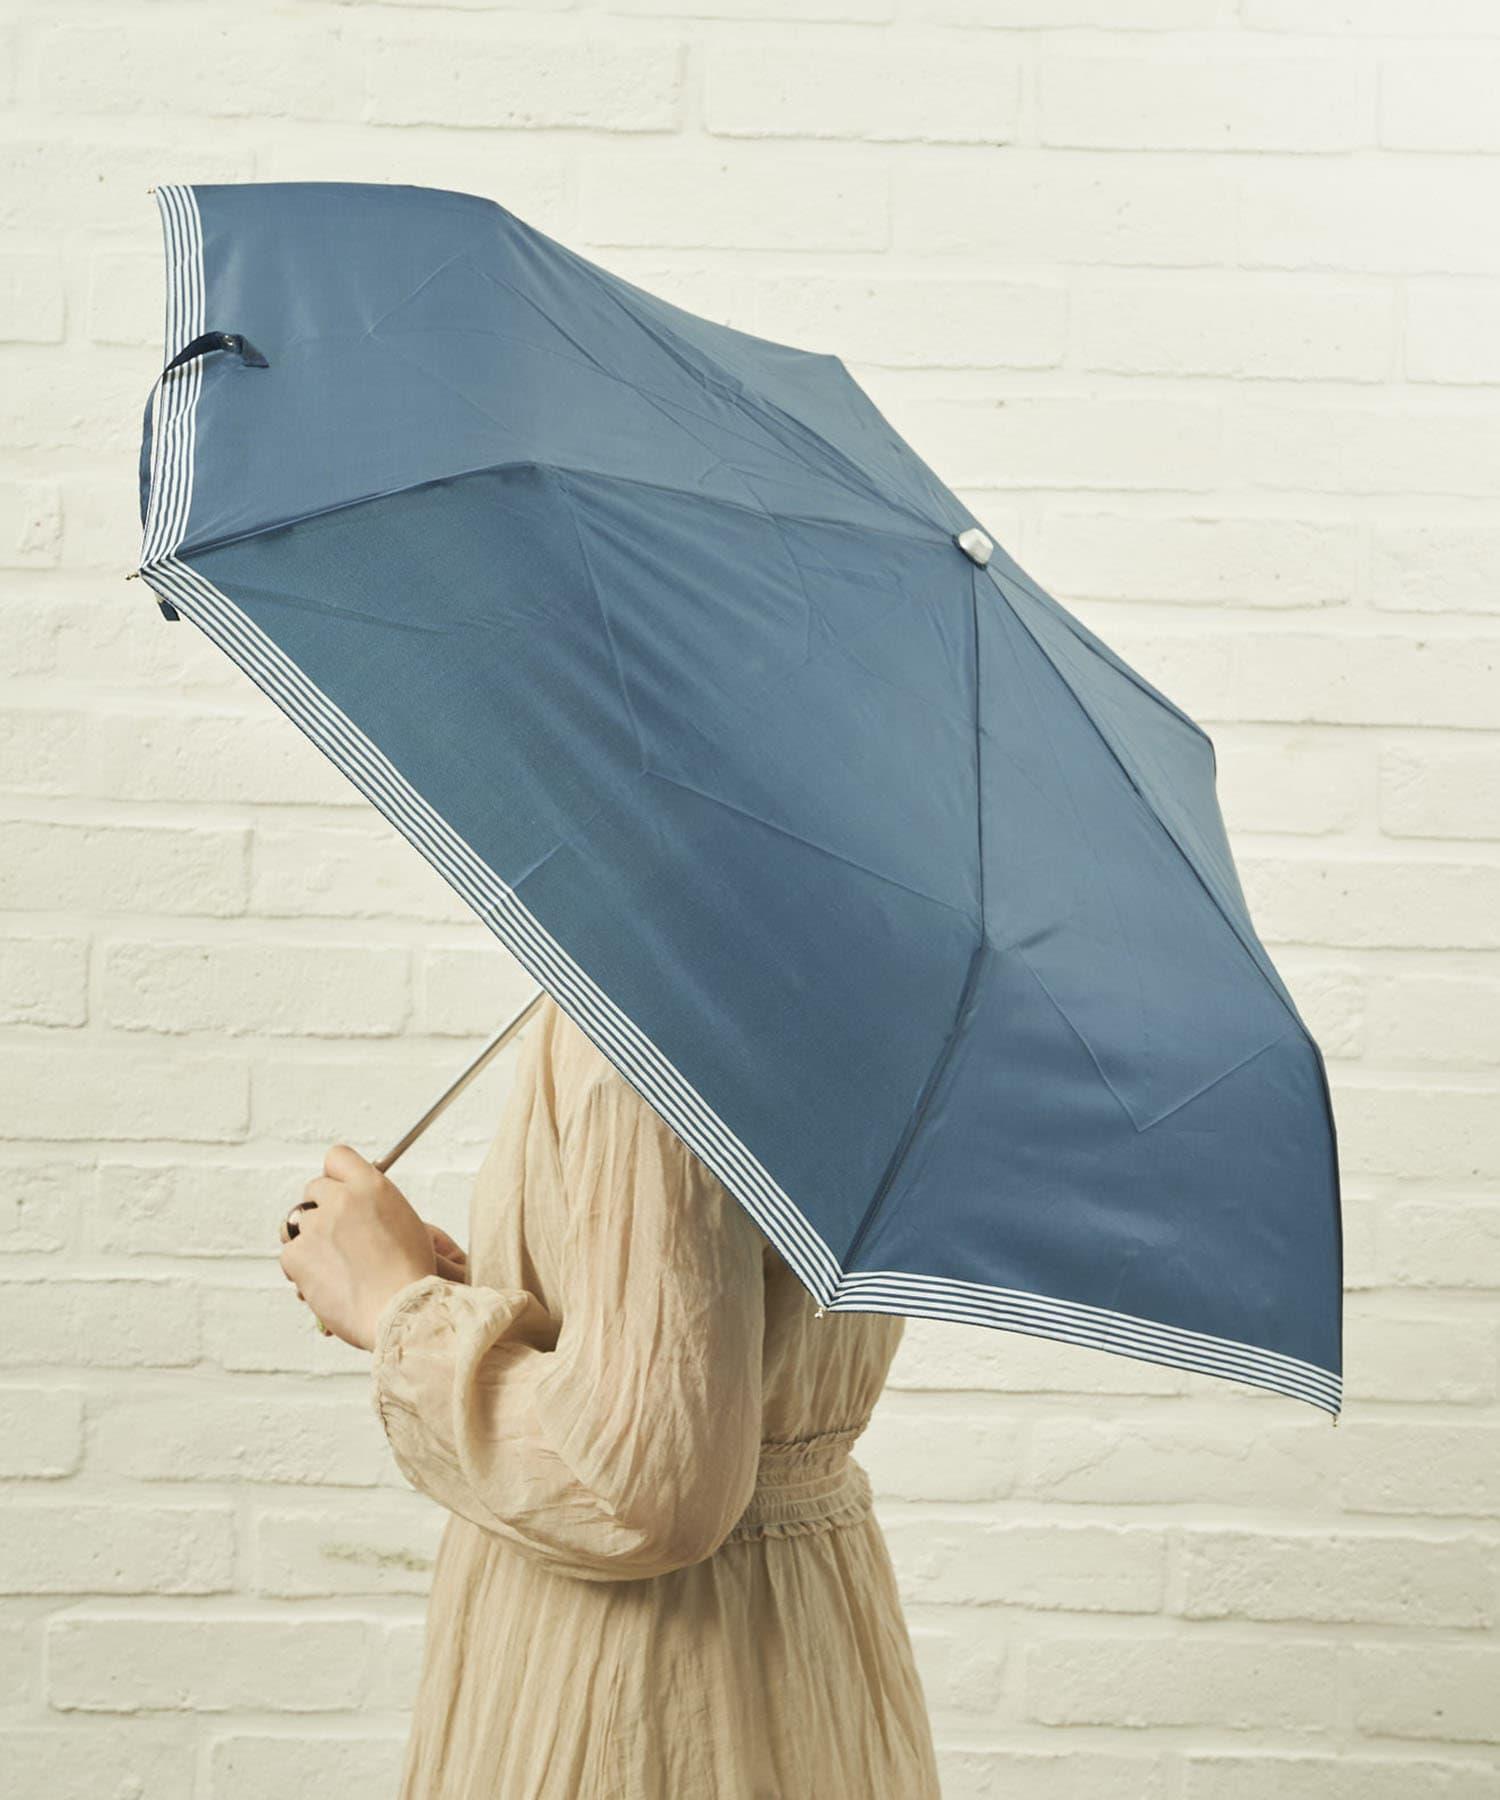 salut!(サリュ) ライフスタイル 雨傘折裾ボーダー(ネイビー) その他